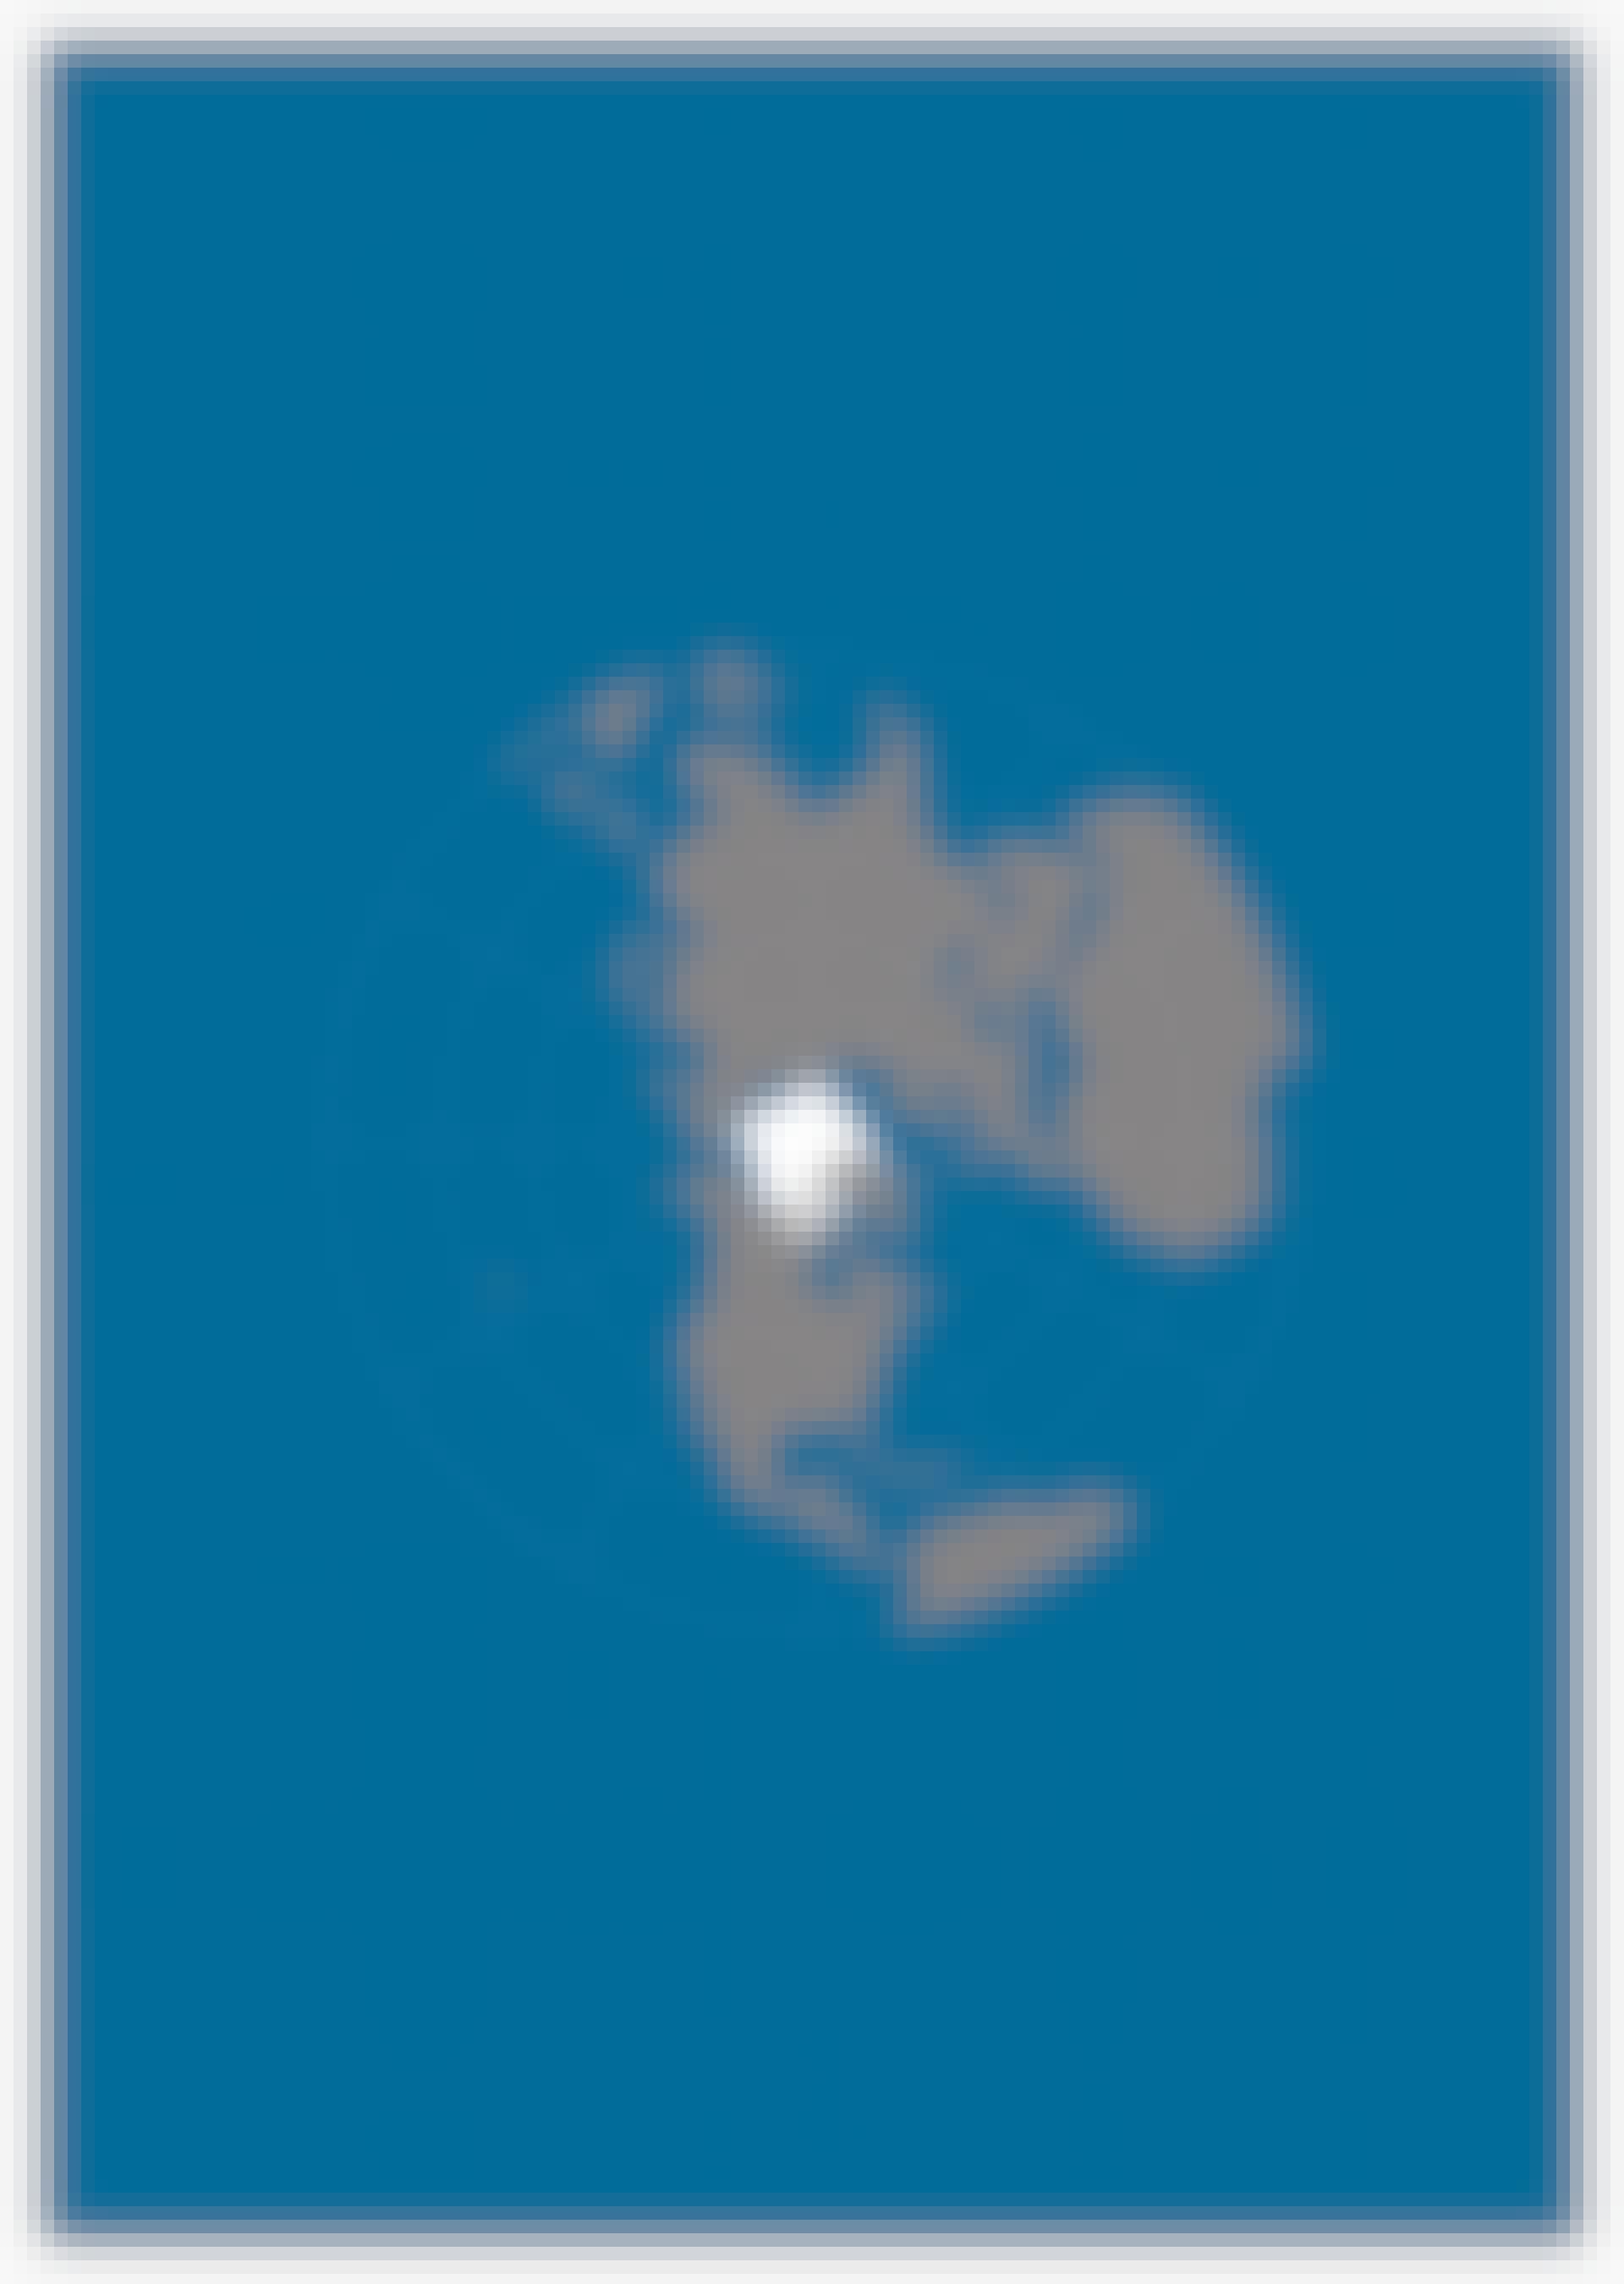 Karta över jordklotet med Arktis i centrum